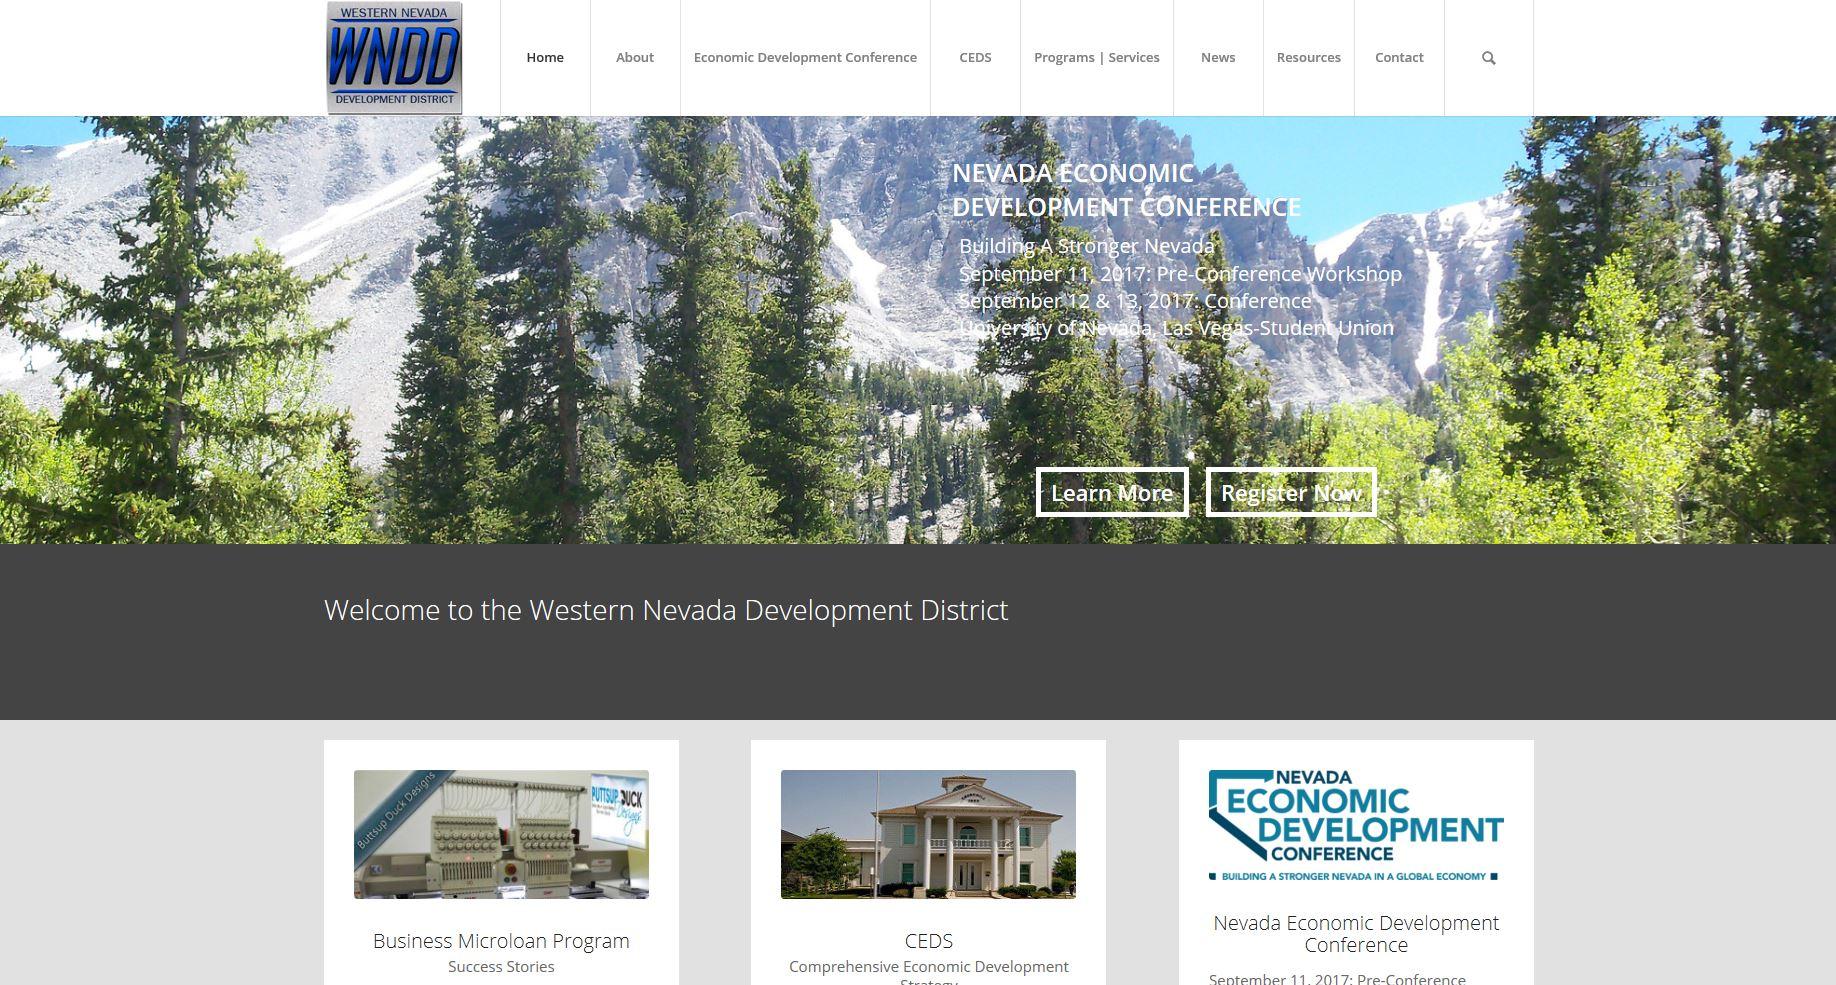 WNDD Website